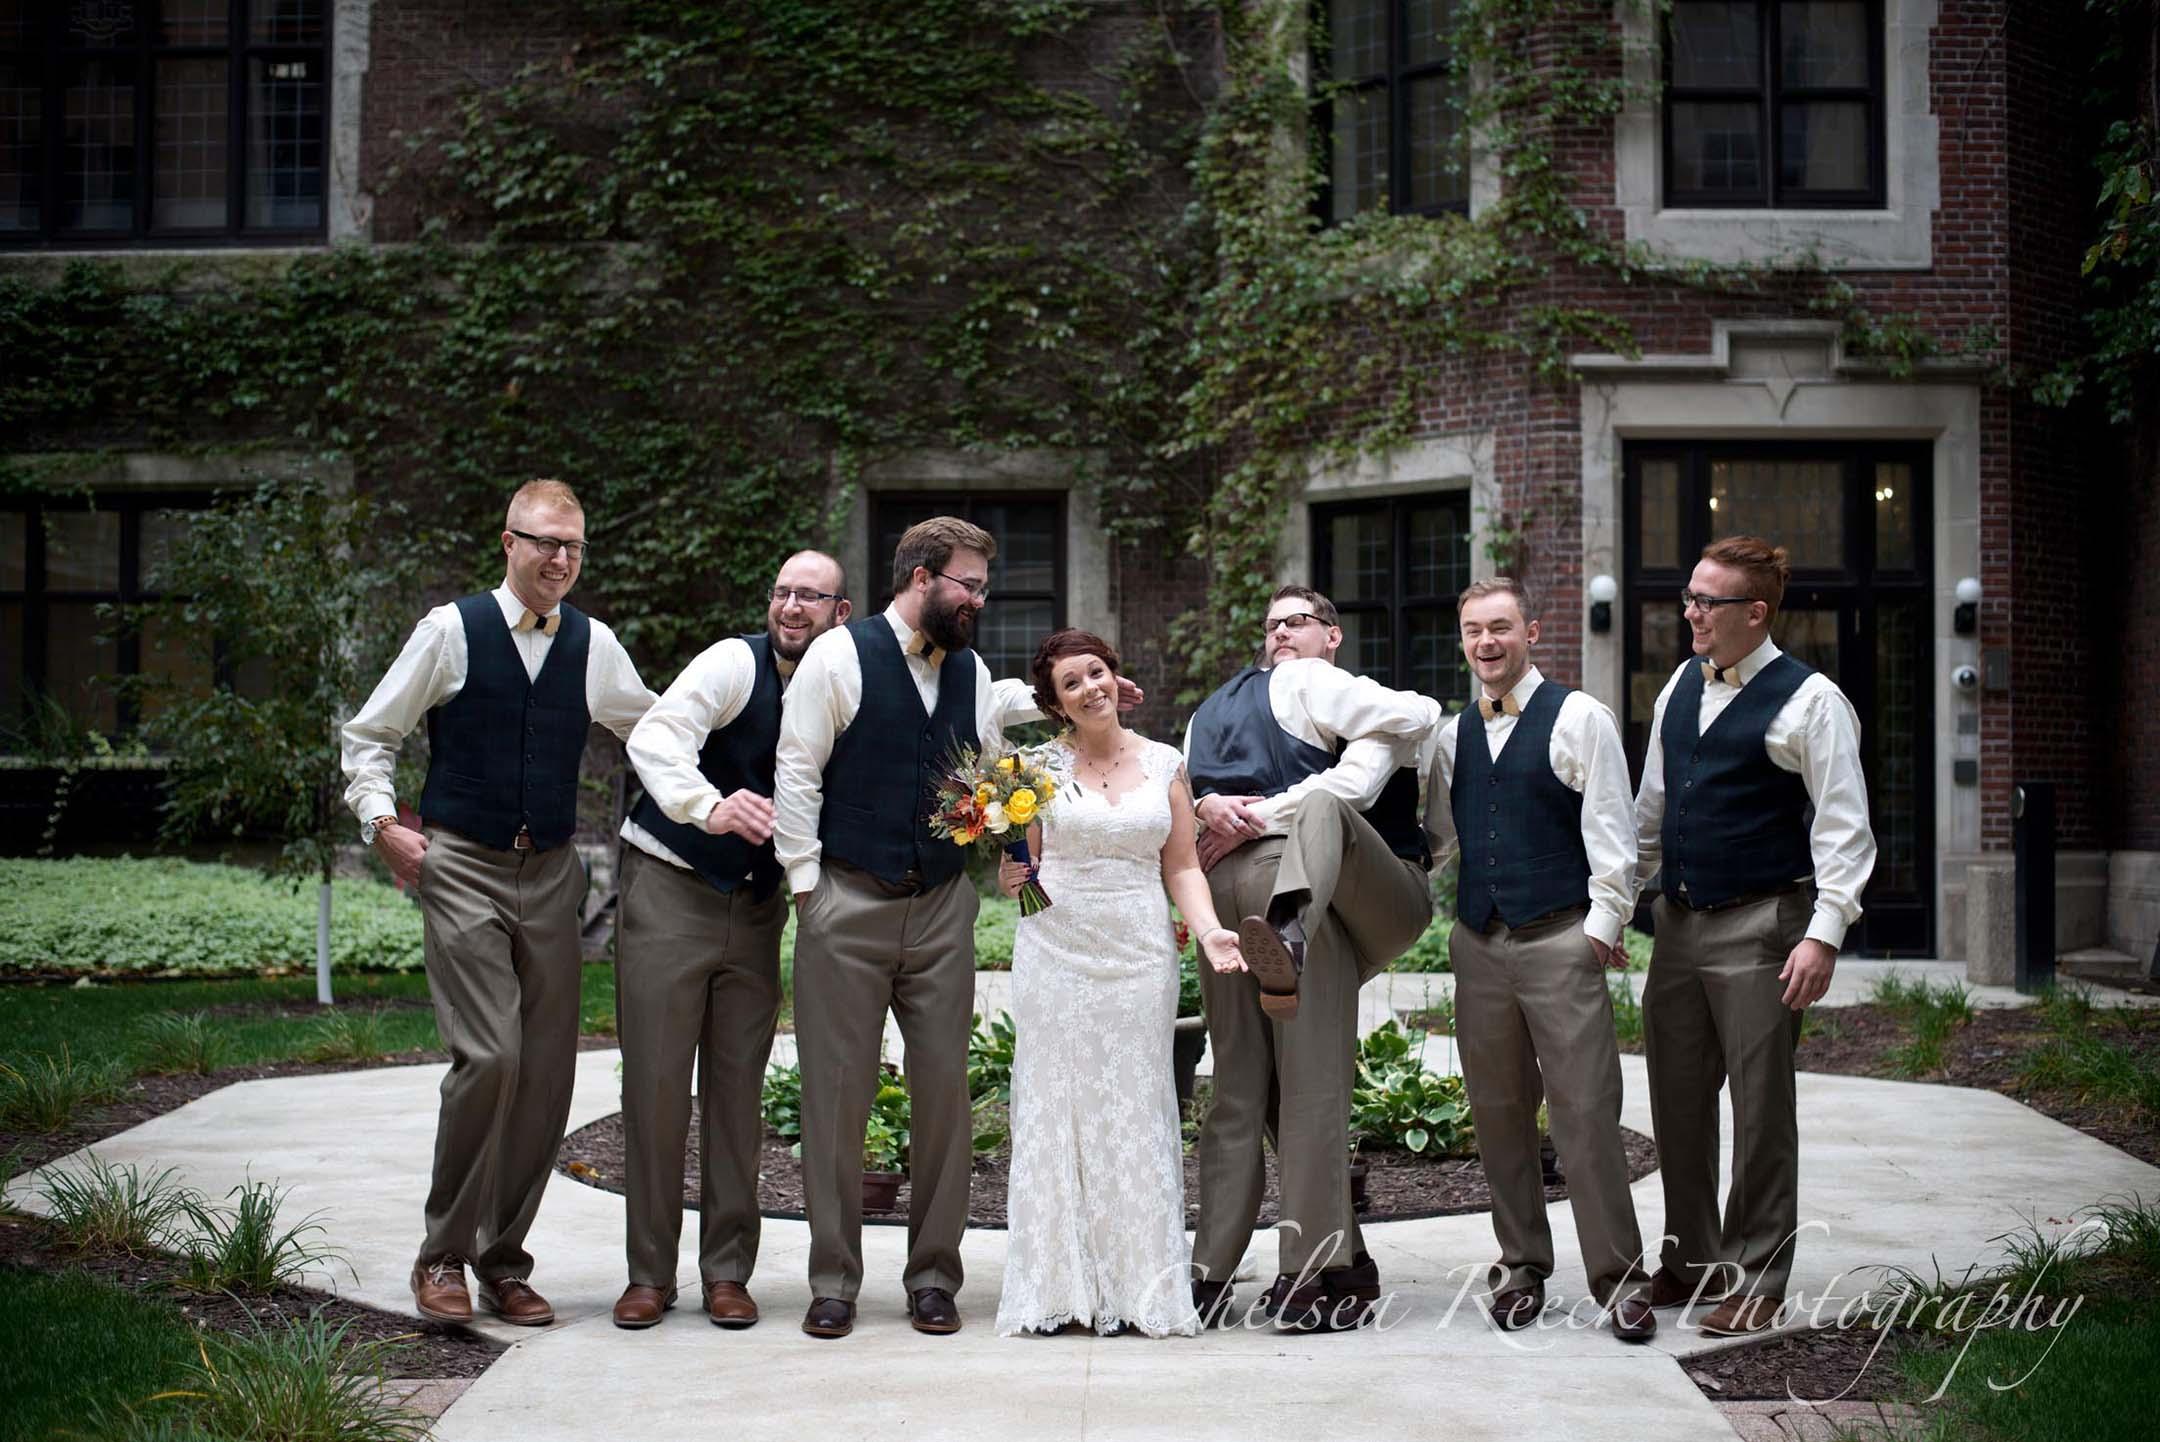 WeddingParty_6 (2).jpg